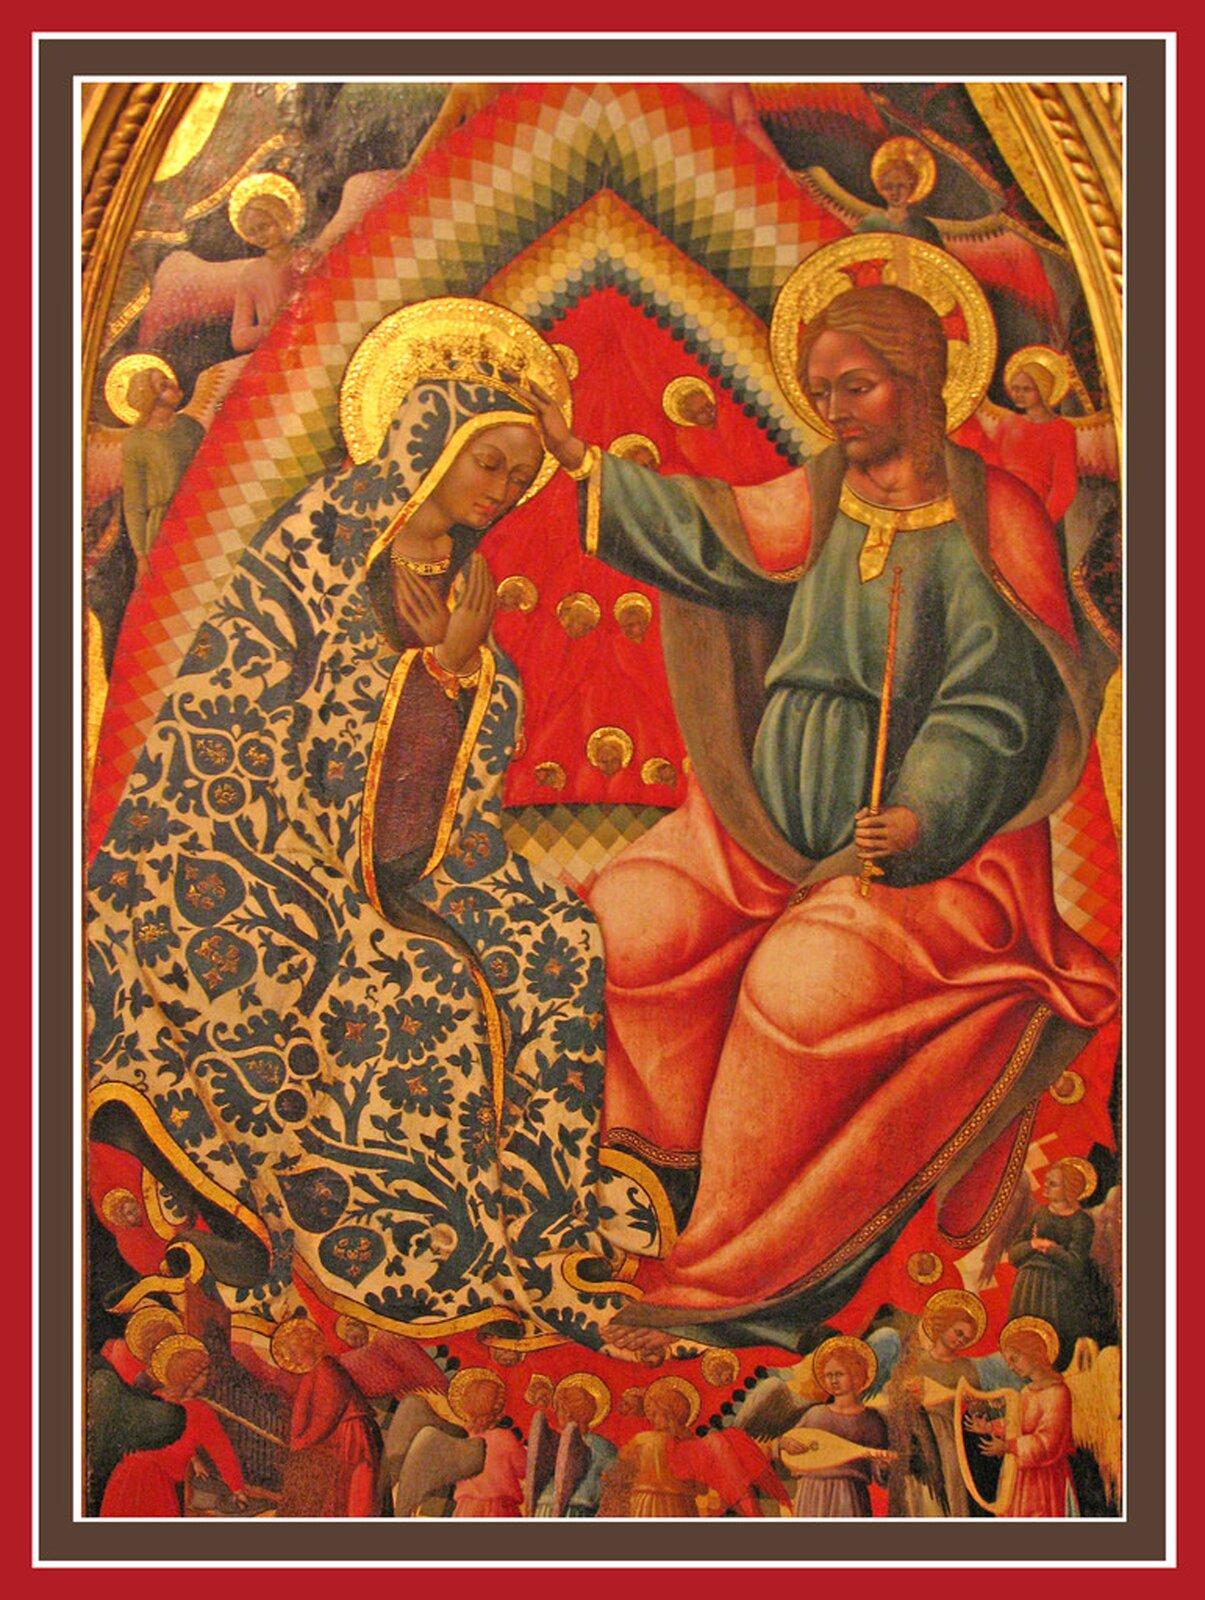 """Ilustracja przedstawia obraz Bartolomea di Tommasa """"Koronacja Najświętszej Marii Panny"""". Wcentrum znajduje się ubrana wkwiecisty płaszcz Matka Boska iChrystus. Siedzą naprzeciw siebie na tronie zwieńczonym trójkątną tęczą, aich głowy otaczają złote nimby. Jezus zakłada na głowę Matki Boskiej koronę. Scenę ze wszystkich stron otaczają aniołowie. Wdolnej części grają na instrumentach."""